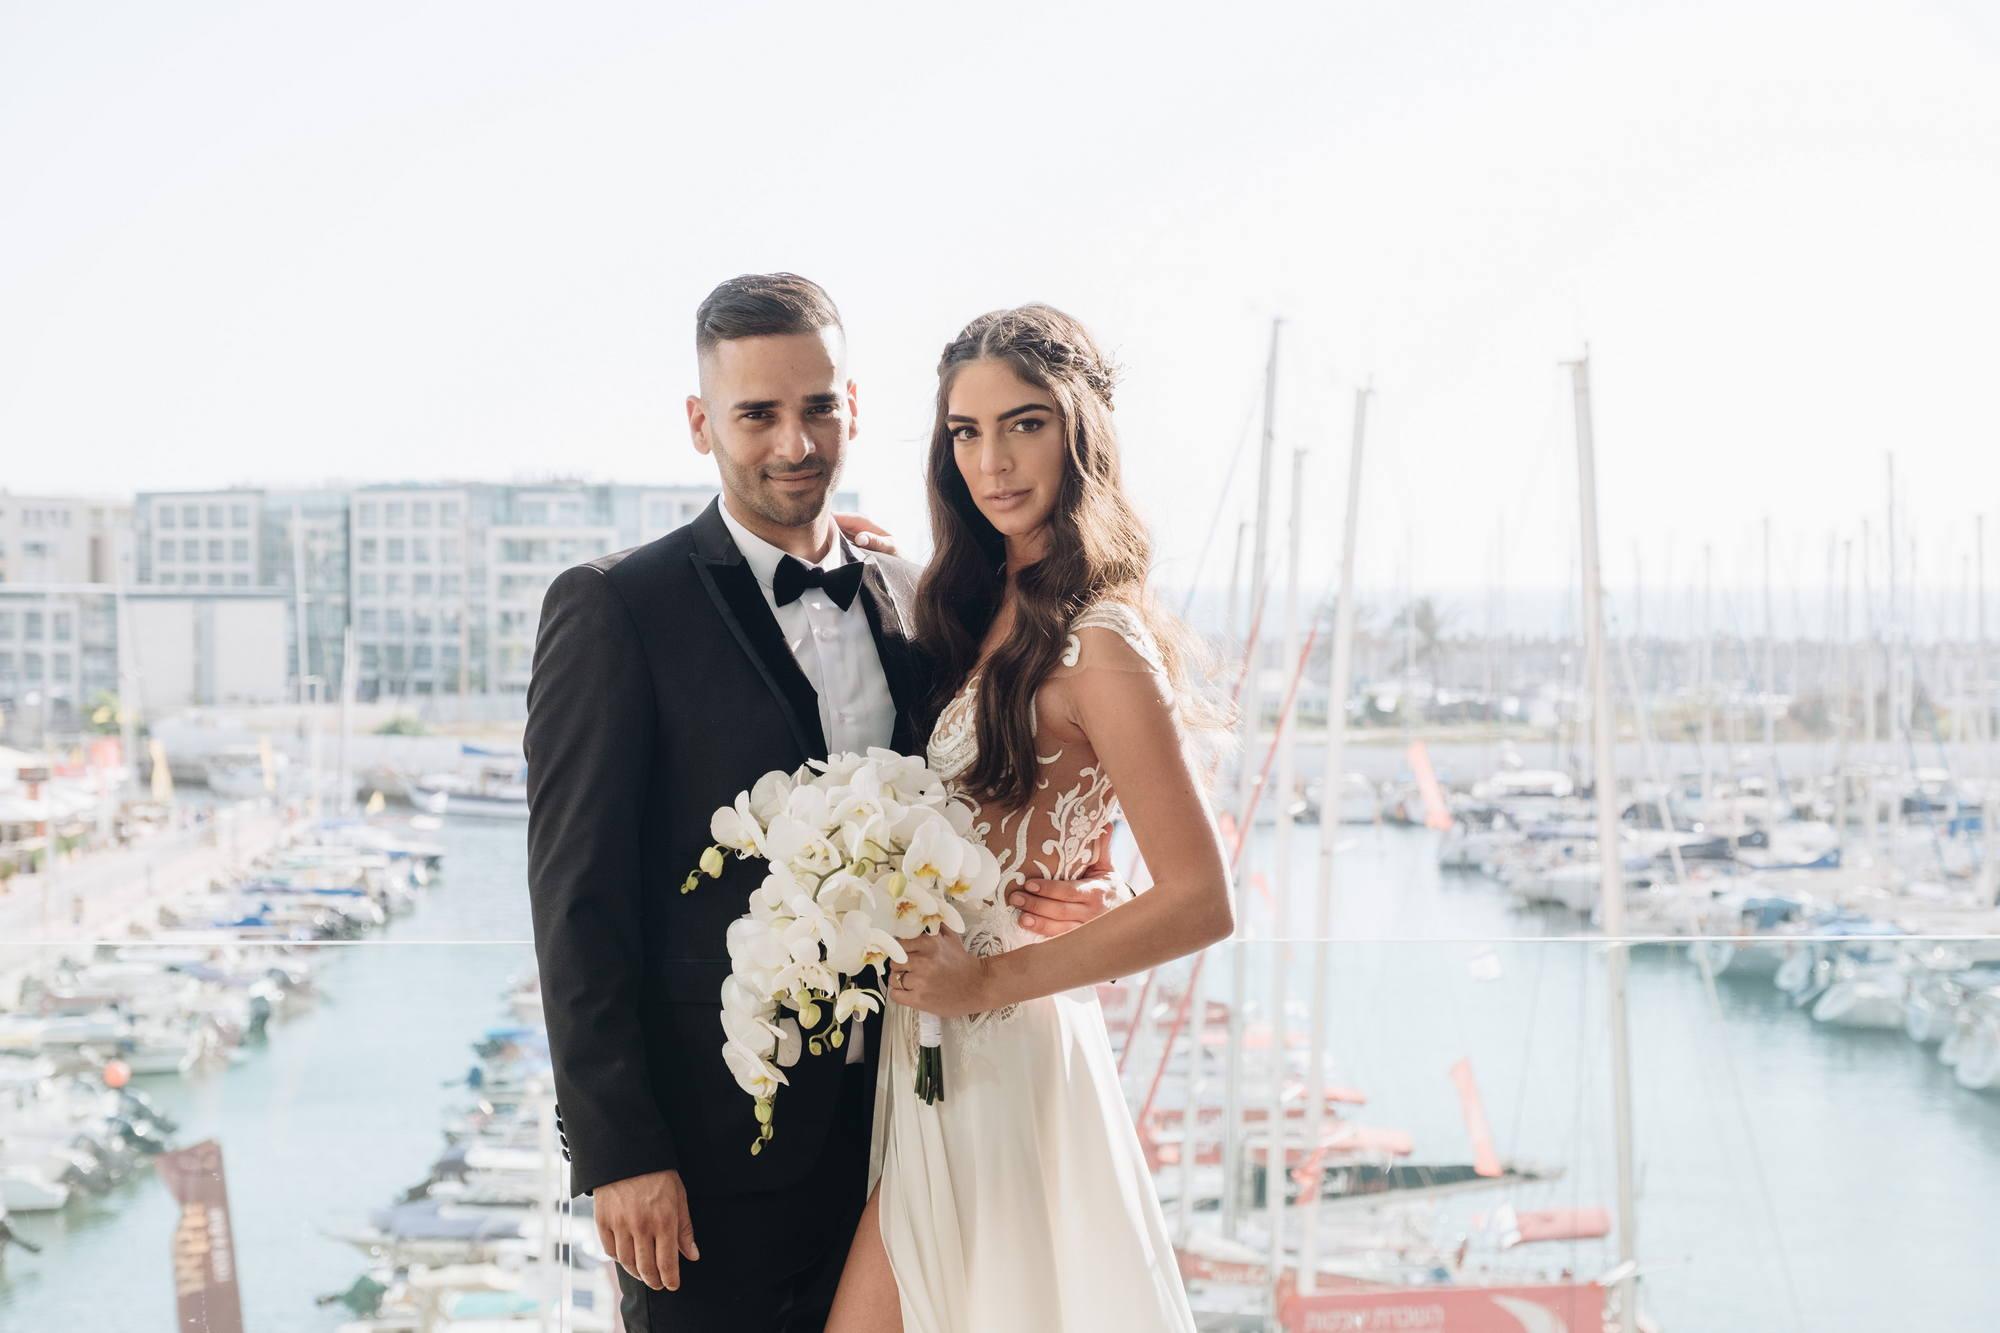 Израильская свадьба - фотограф в Израиле Антон Миславский